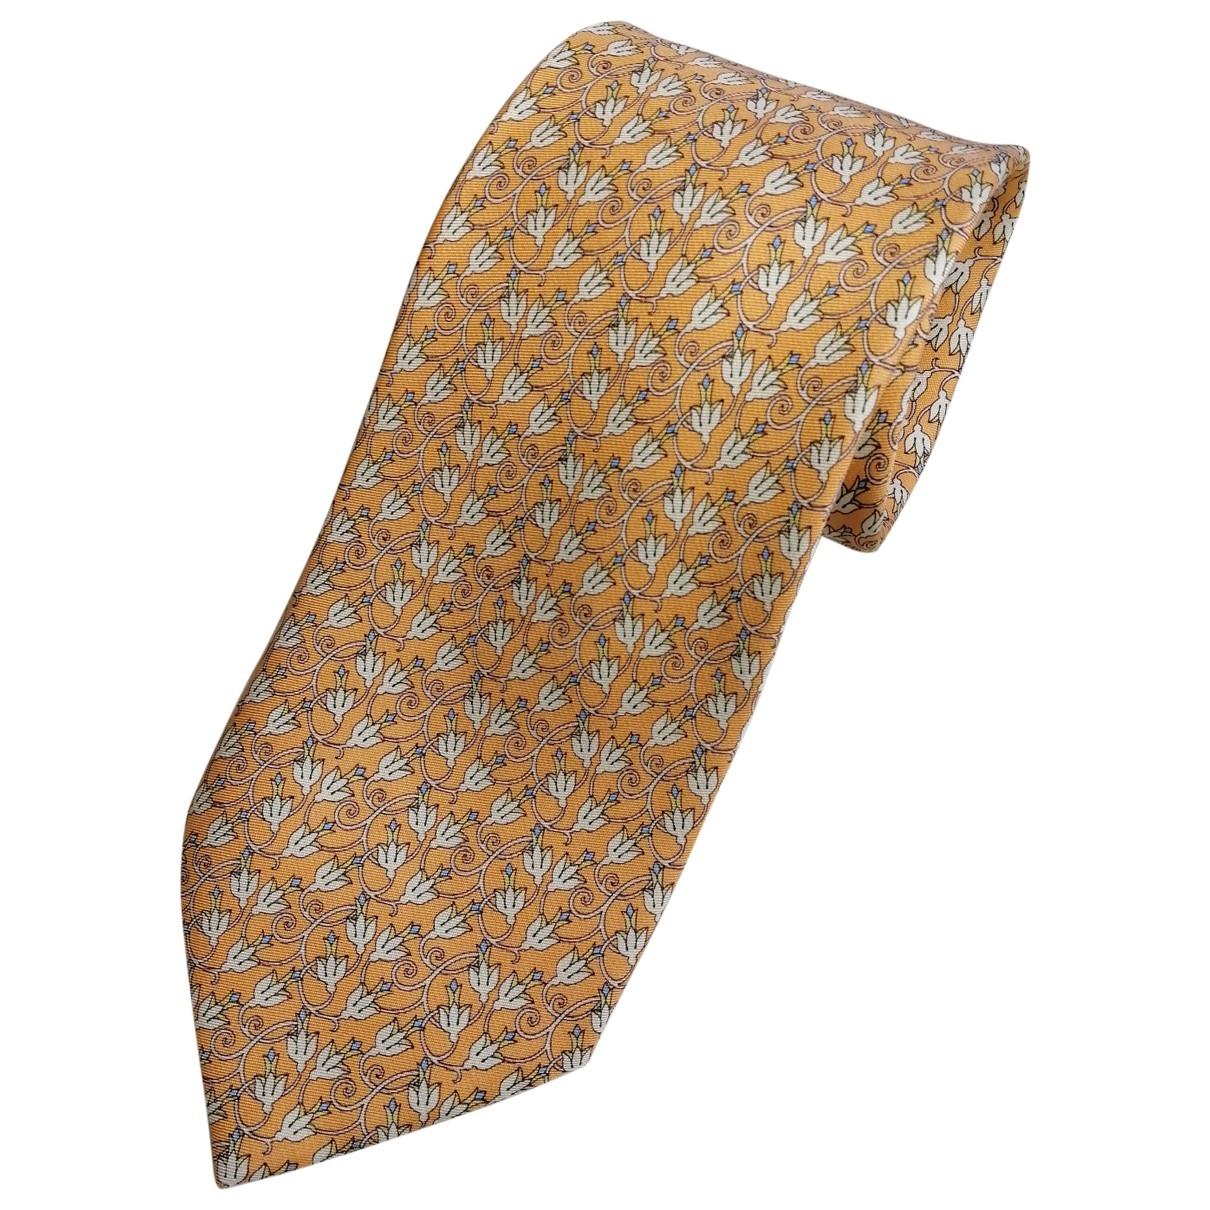 Corbata de Seda Non Signe / Unsigned